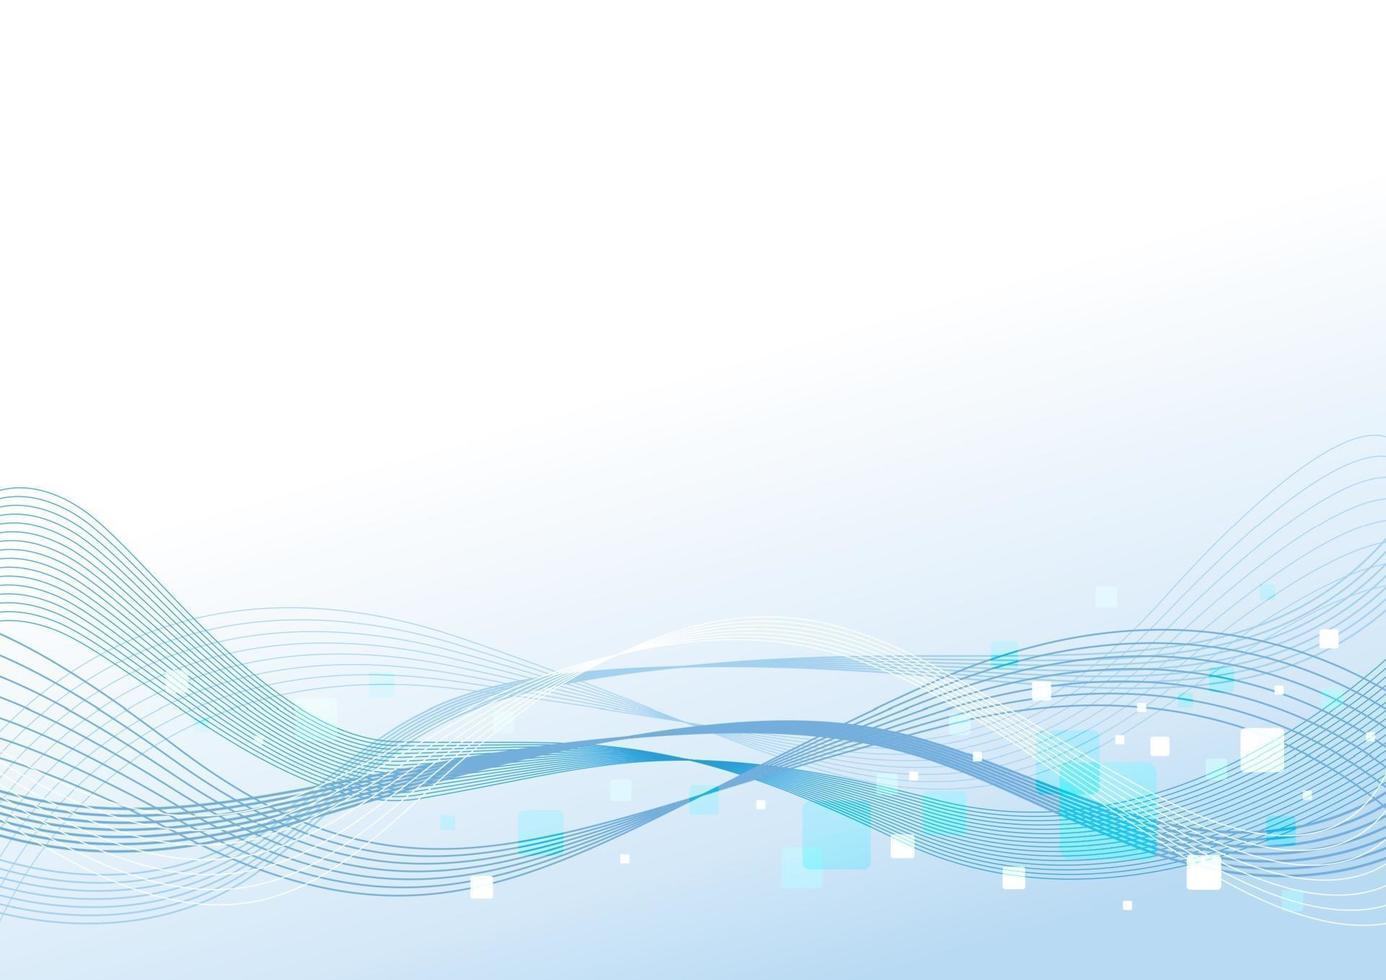 Diseño de fondo abstracto de la ilustración de vector de onda de línea